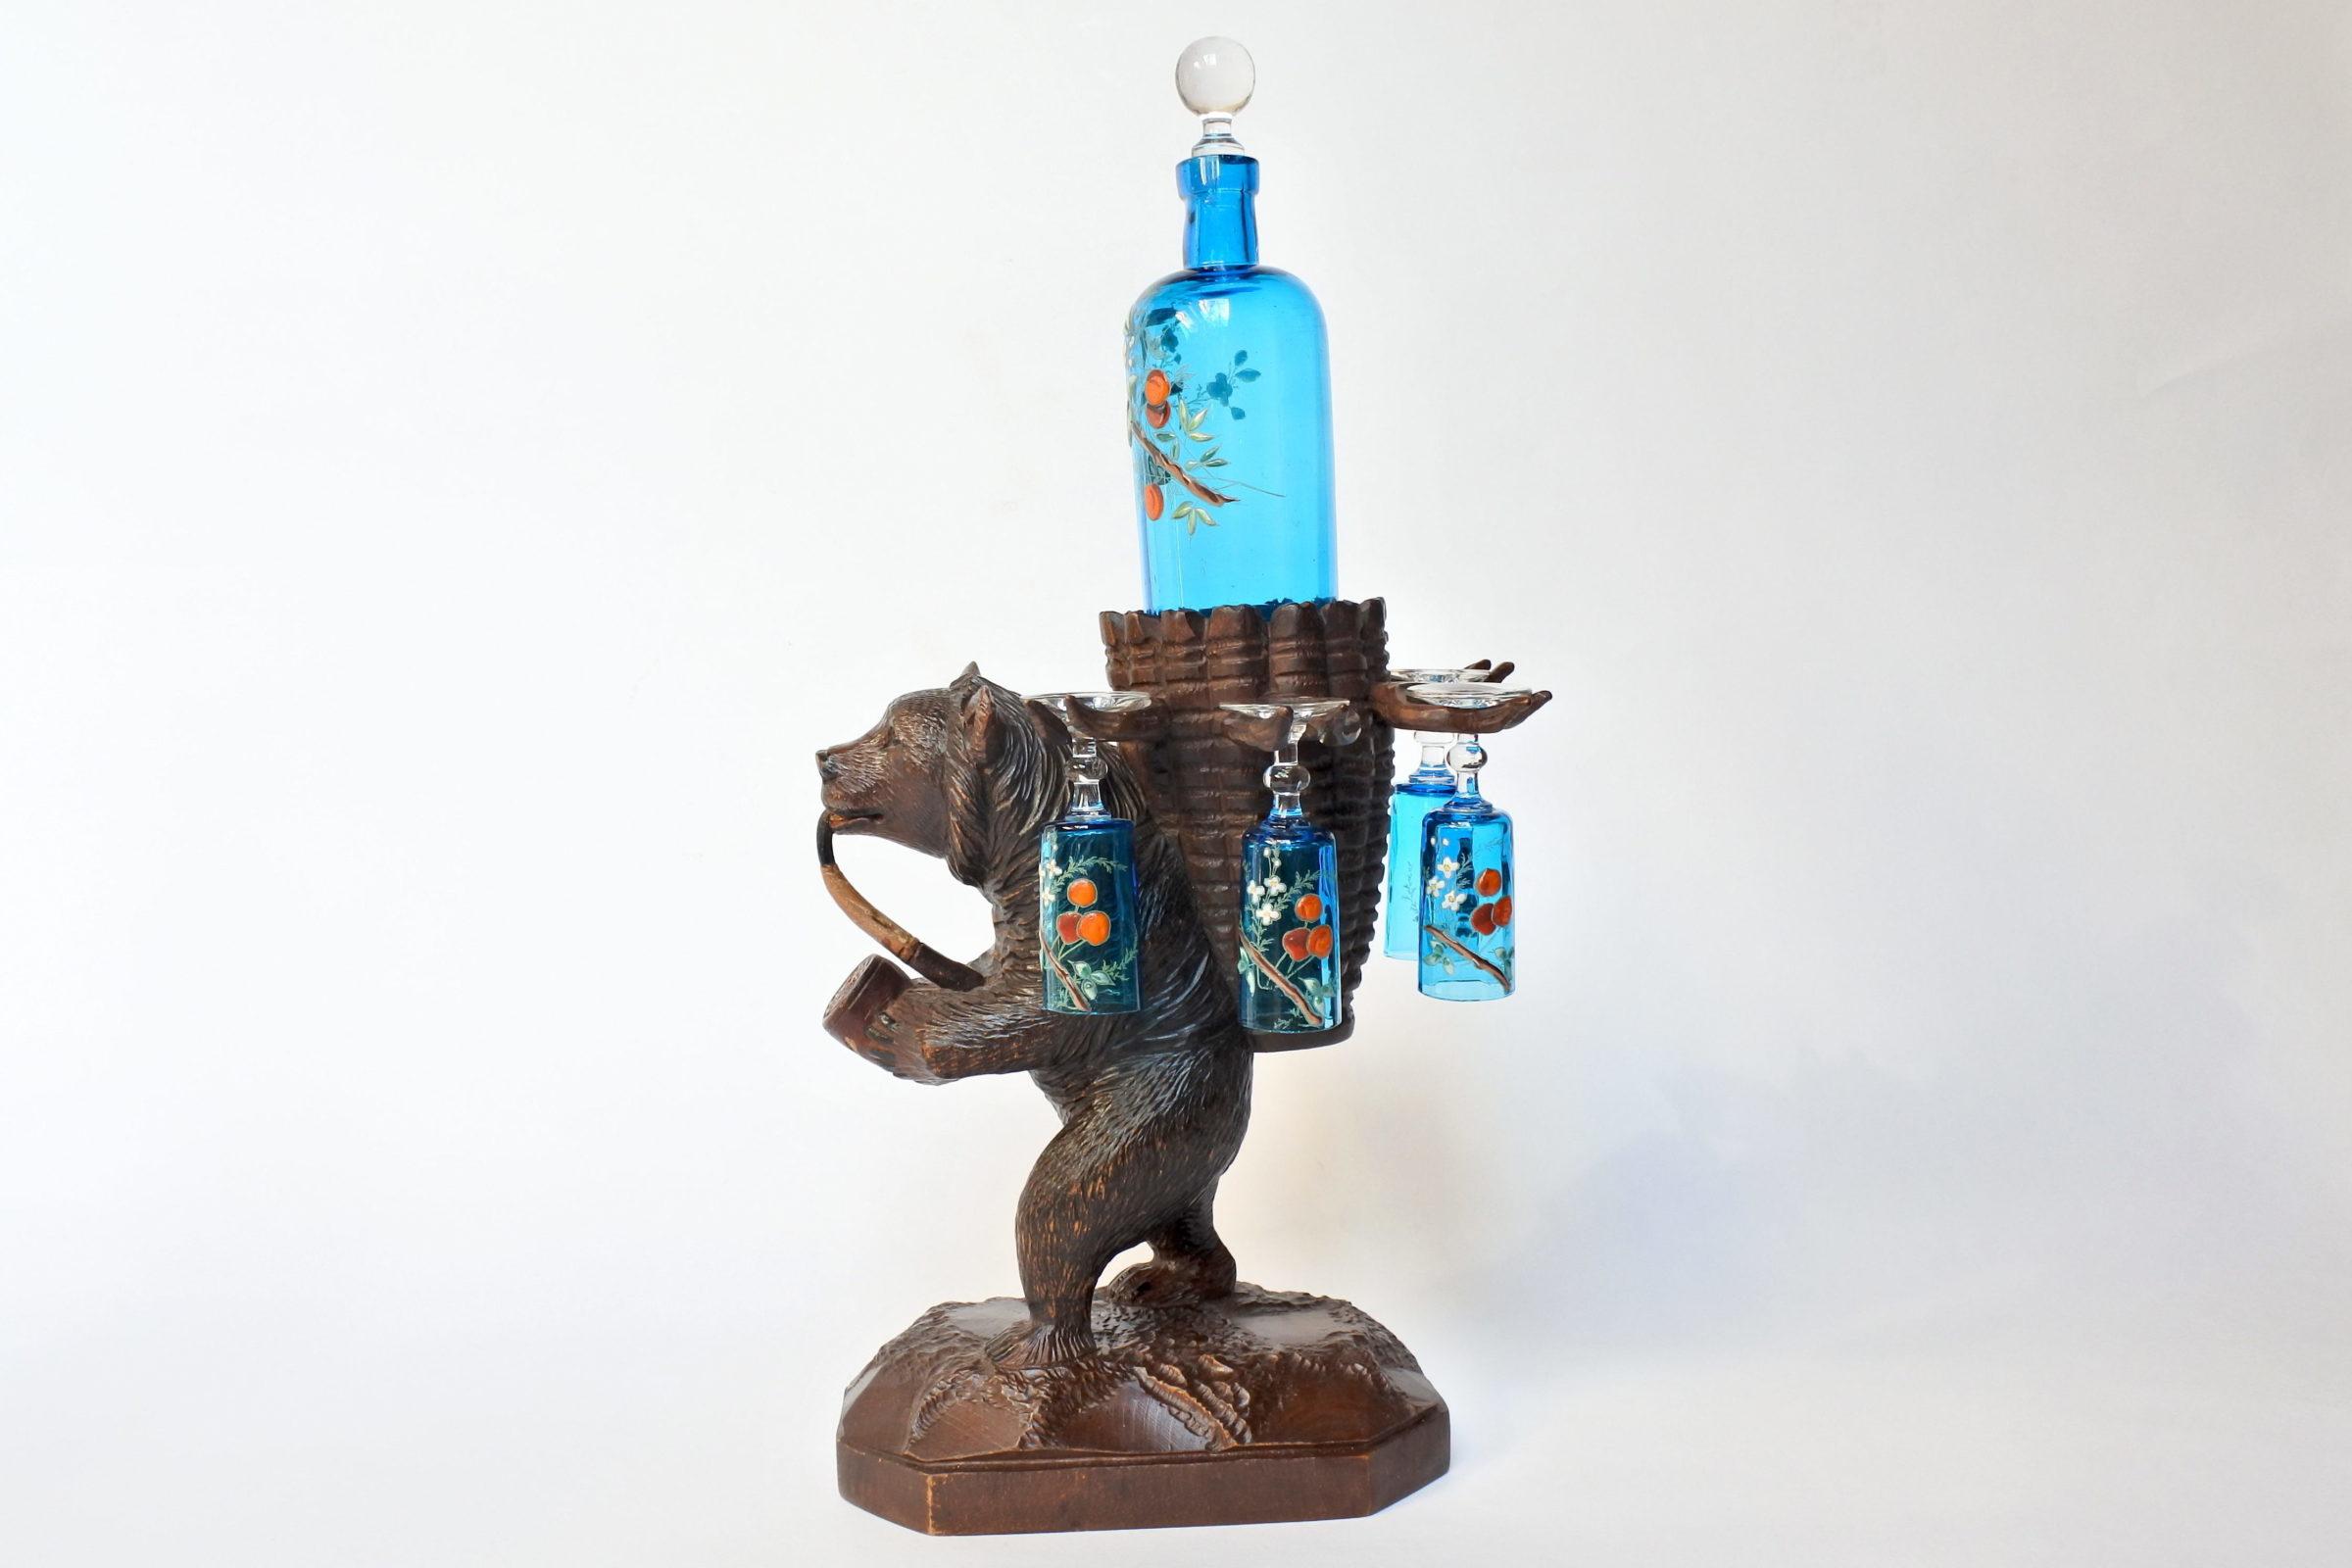 Orso in legno scolpito foresta nera con funzione di portabottiglia e bicchierini - 2